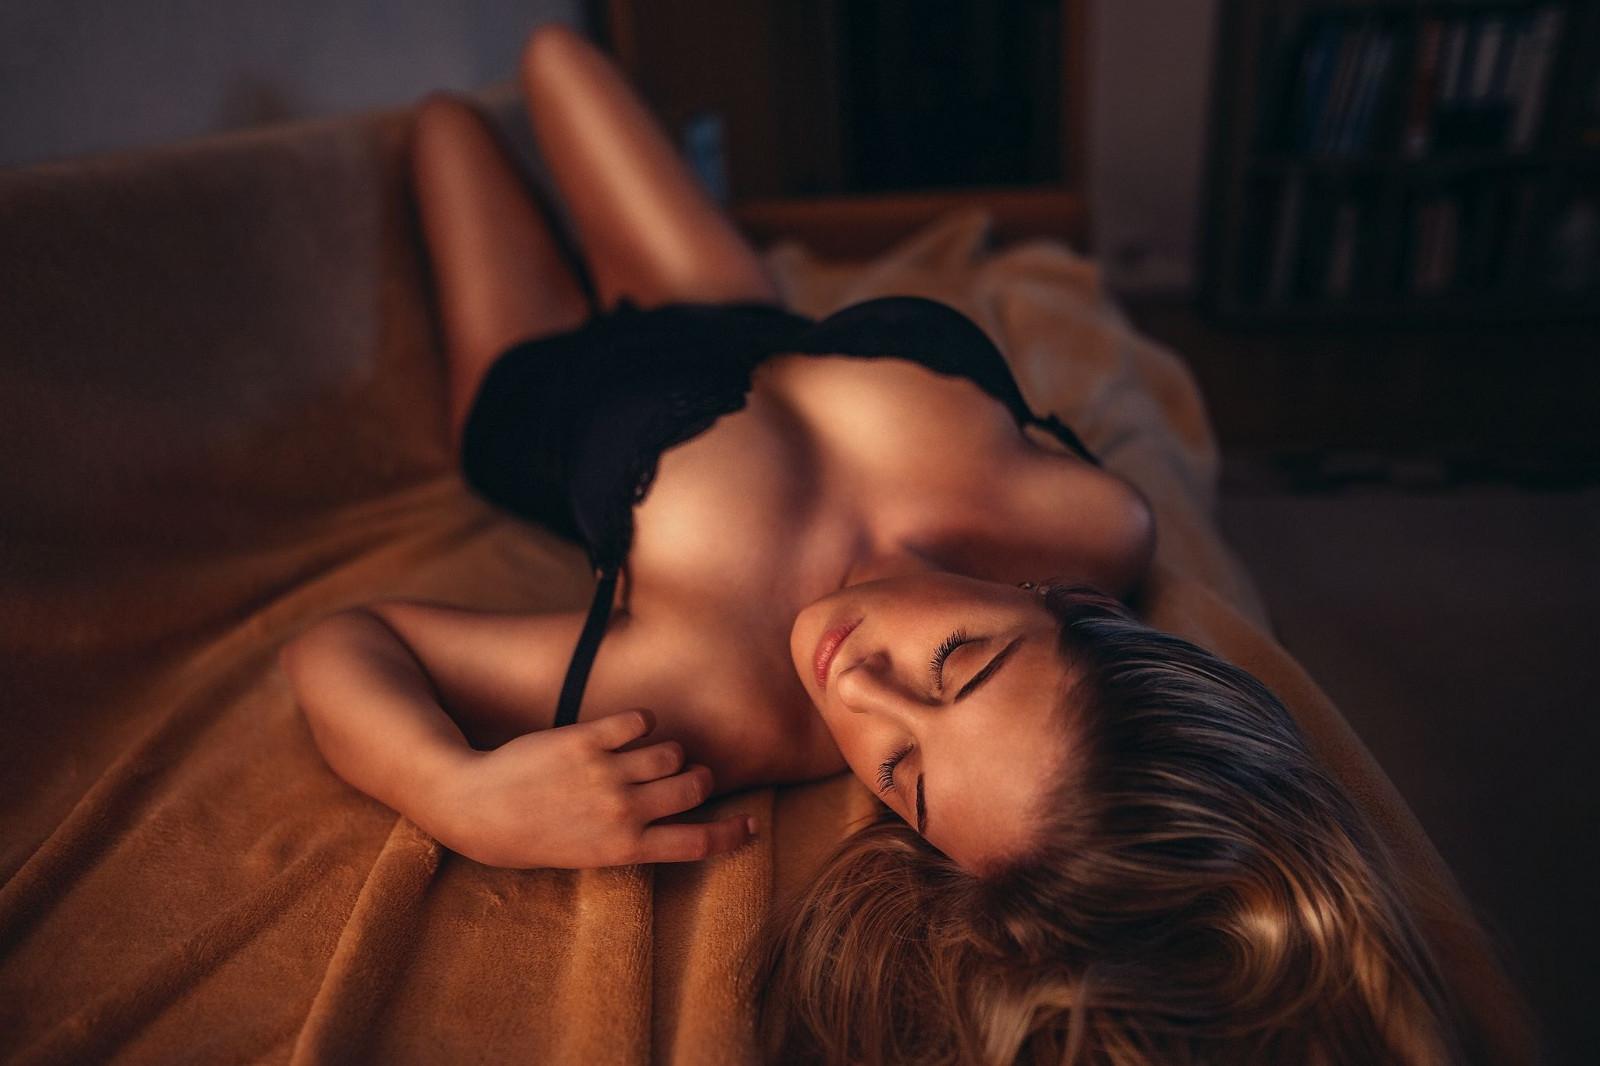 Секс с закрытыми глазами частное, порно девушка подсматривает